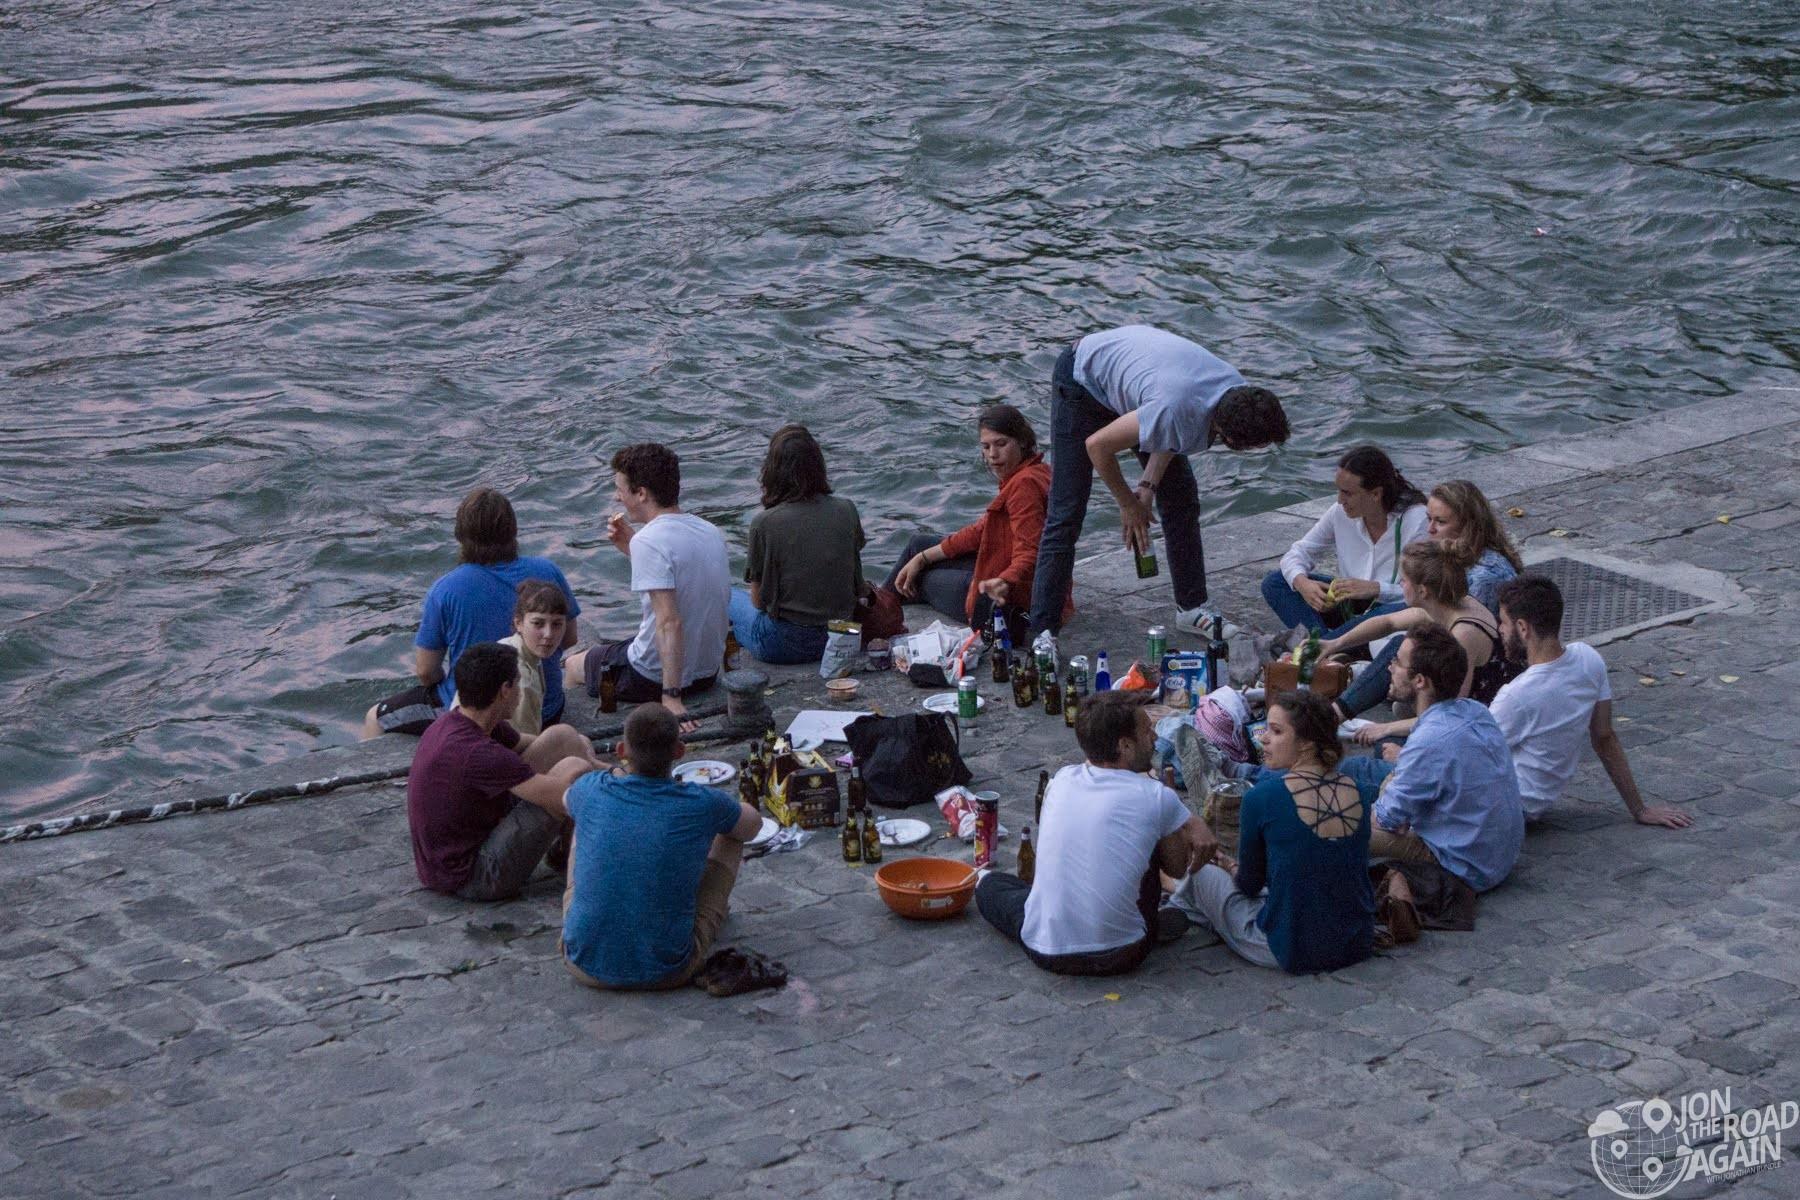 Picnic on the River Seine